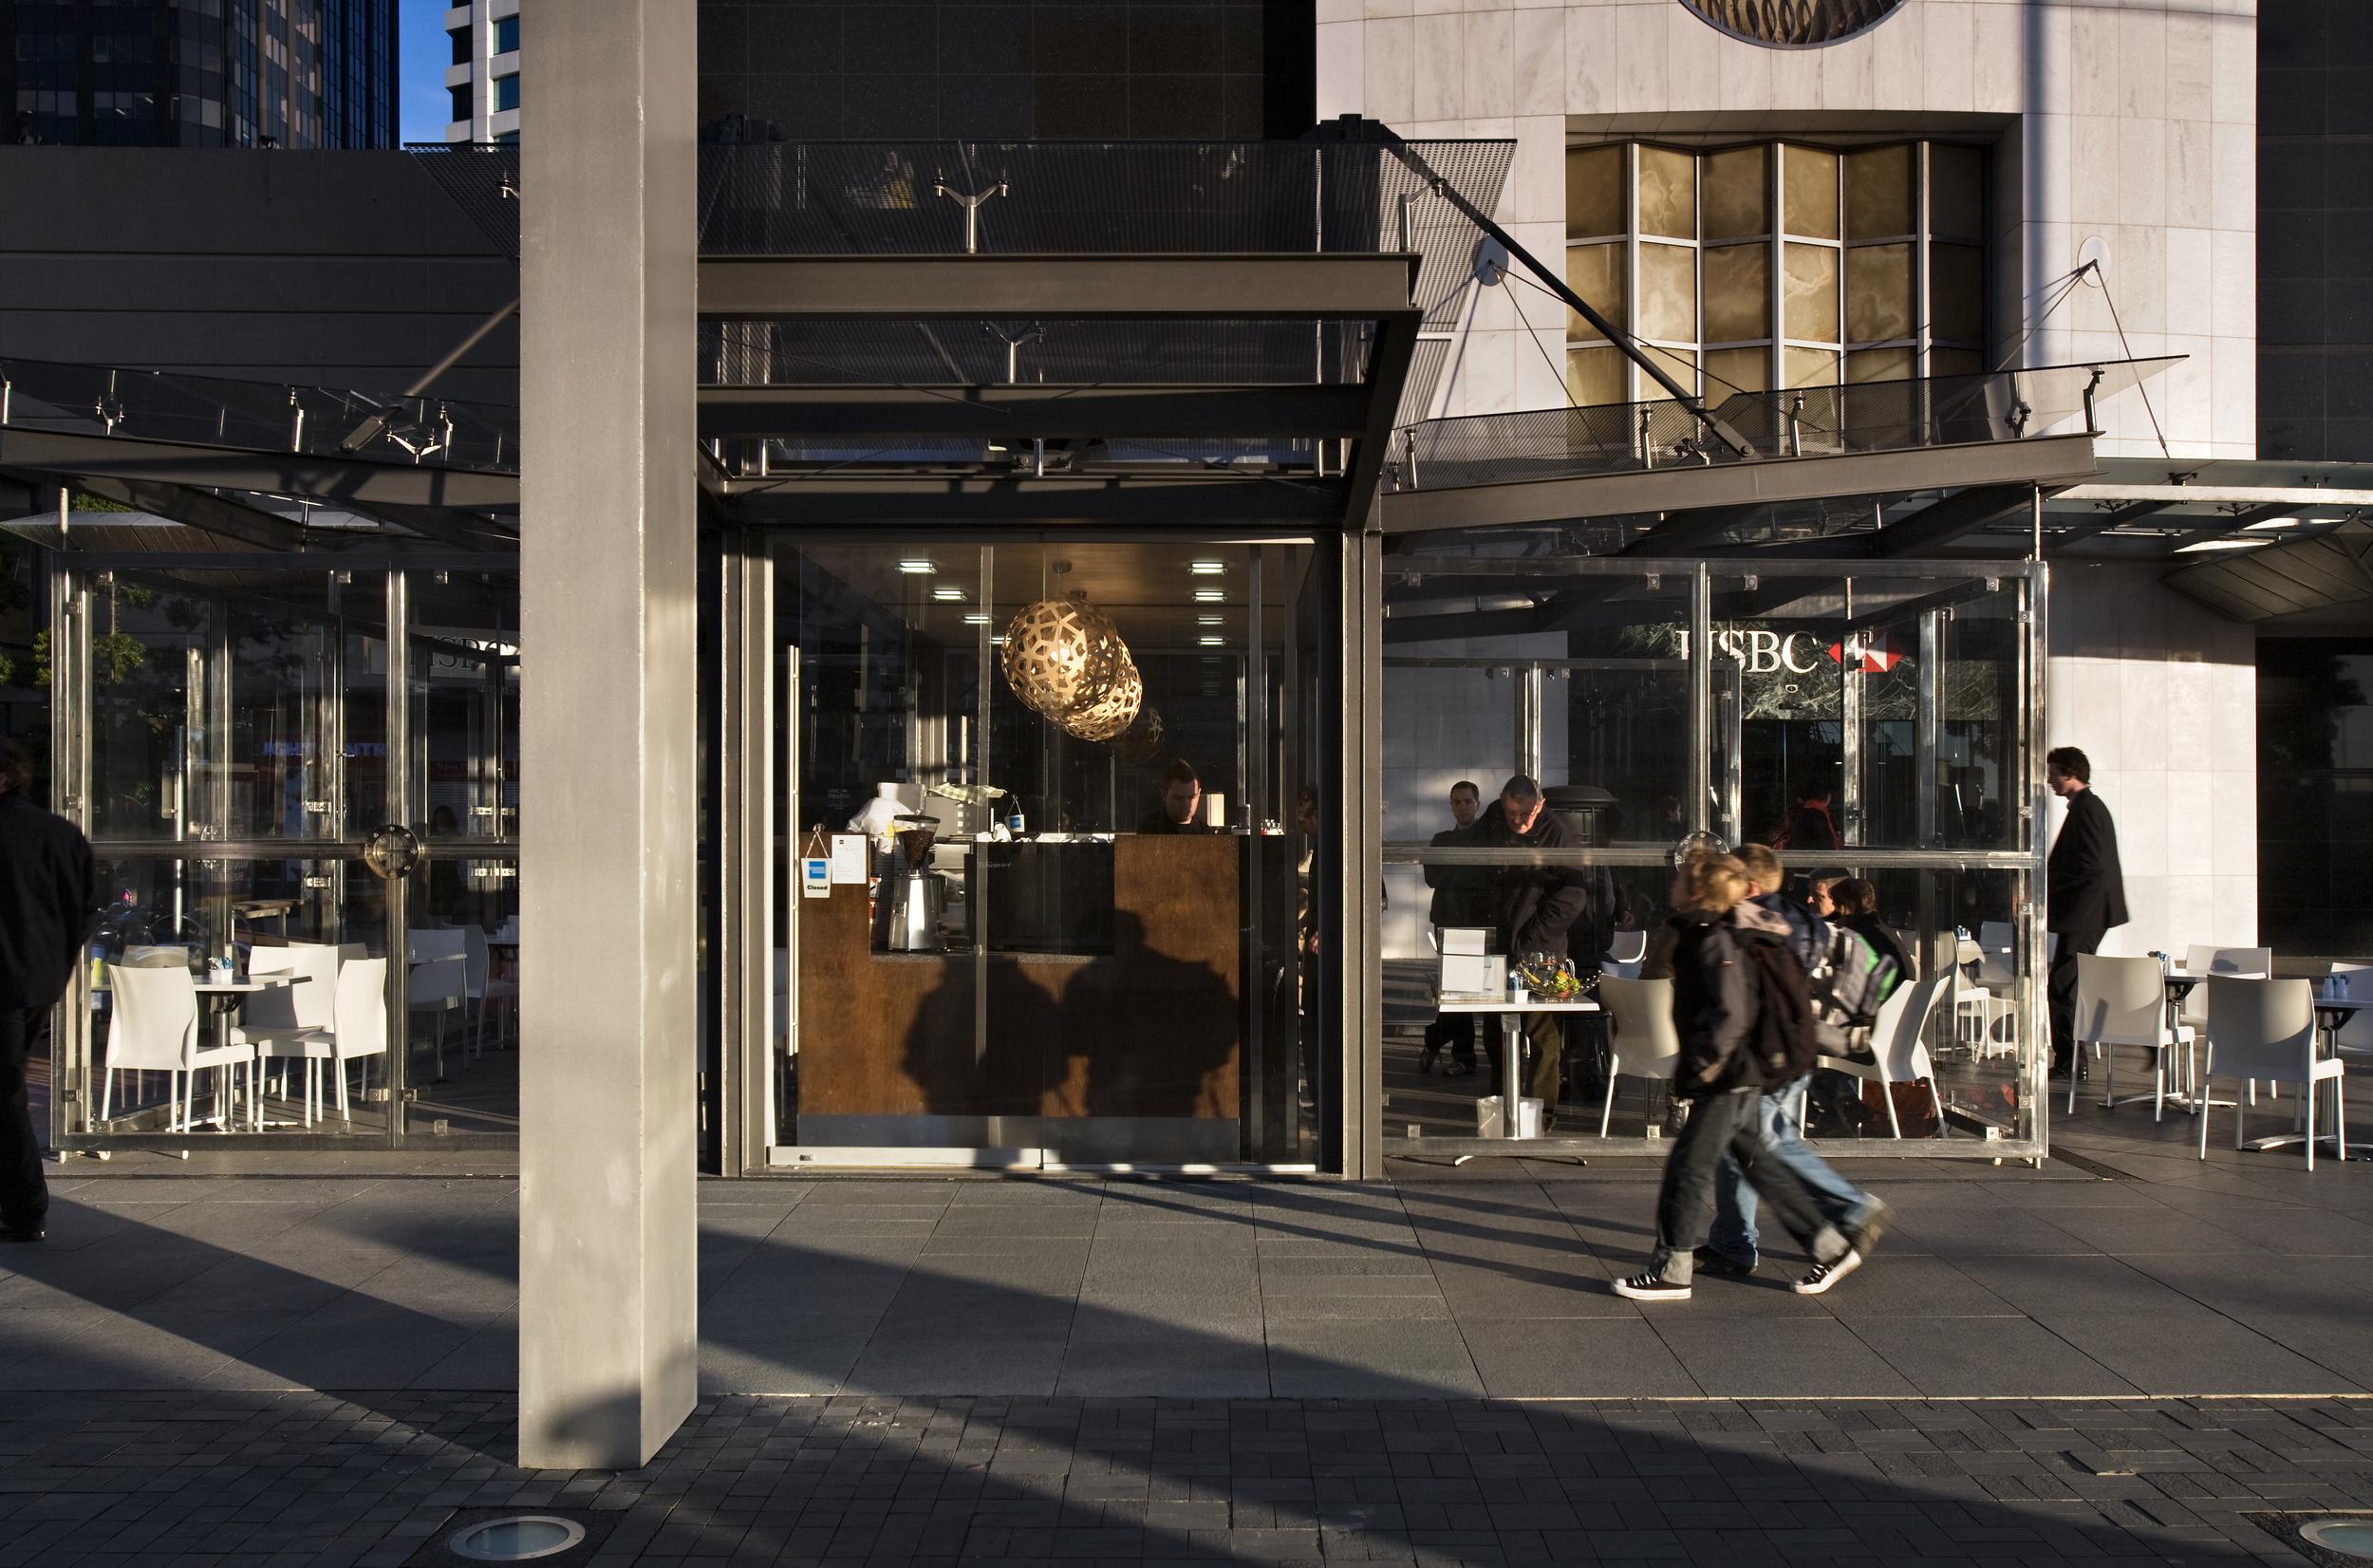 1QueenStreetCafe_Exterior_16.jpg